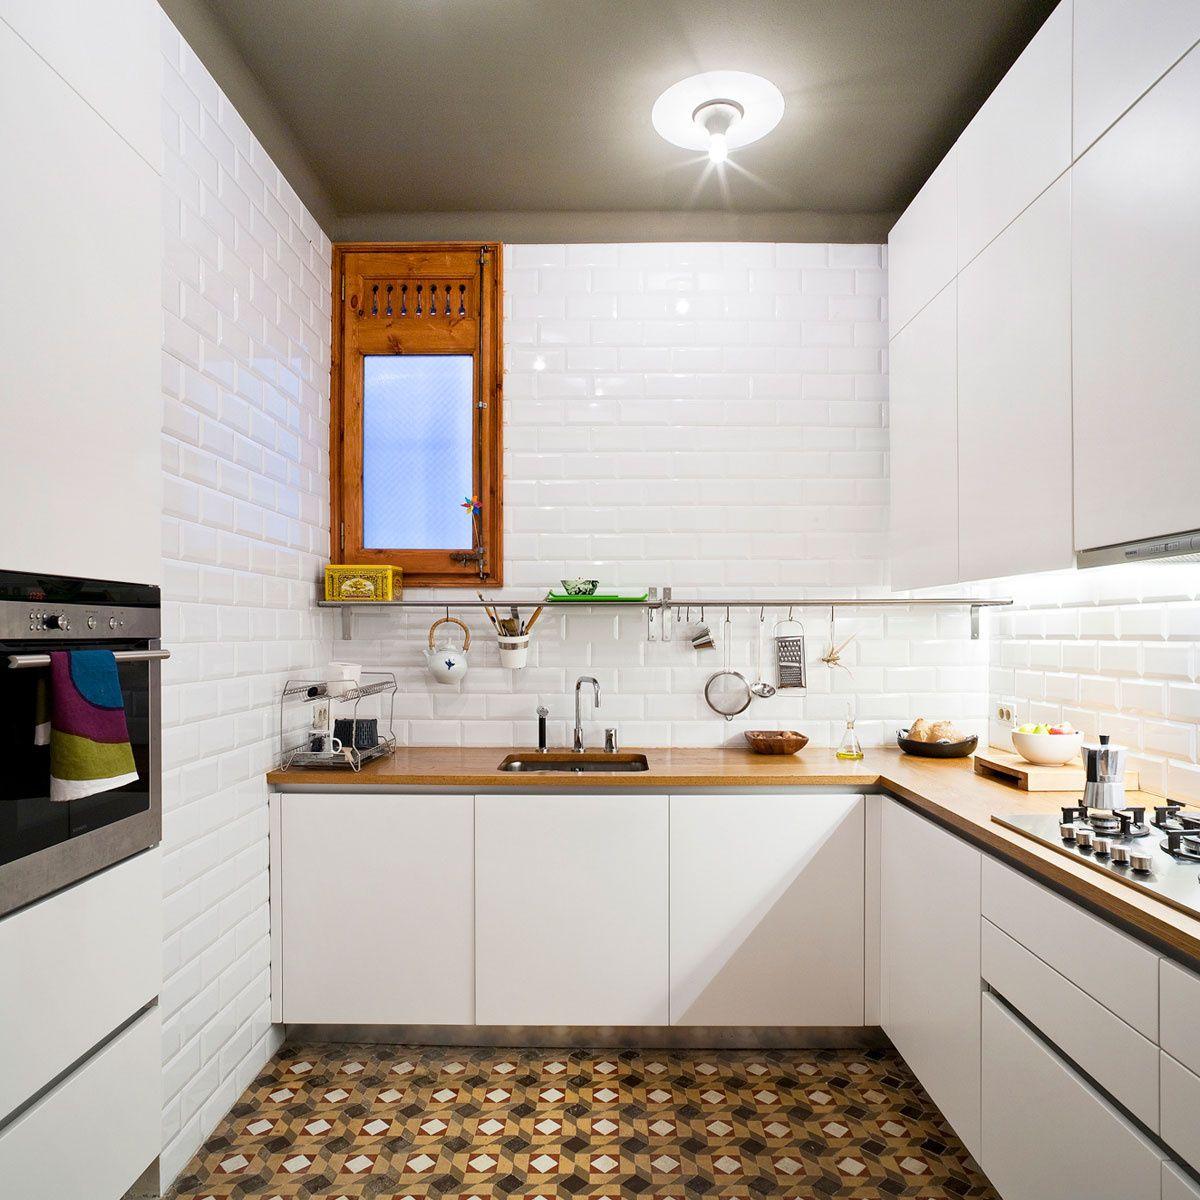 Limpiar azulejos de cocina azulejos en blanco combinan con todo with limpiar azulejos de cocina - Limpiar azulejos cocina para queden brillantes ...